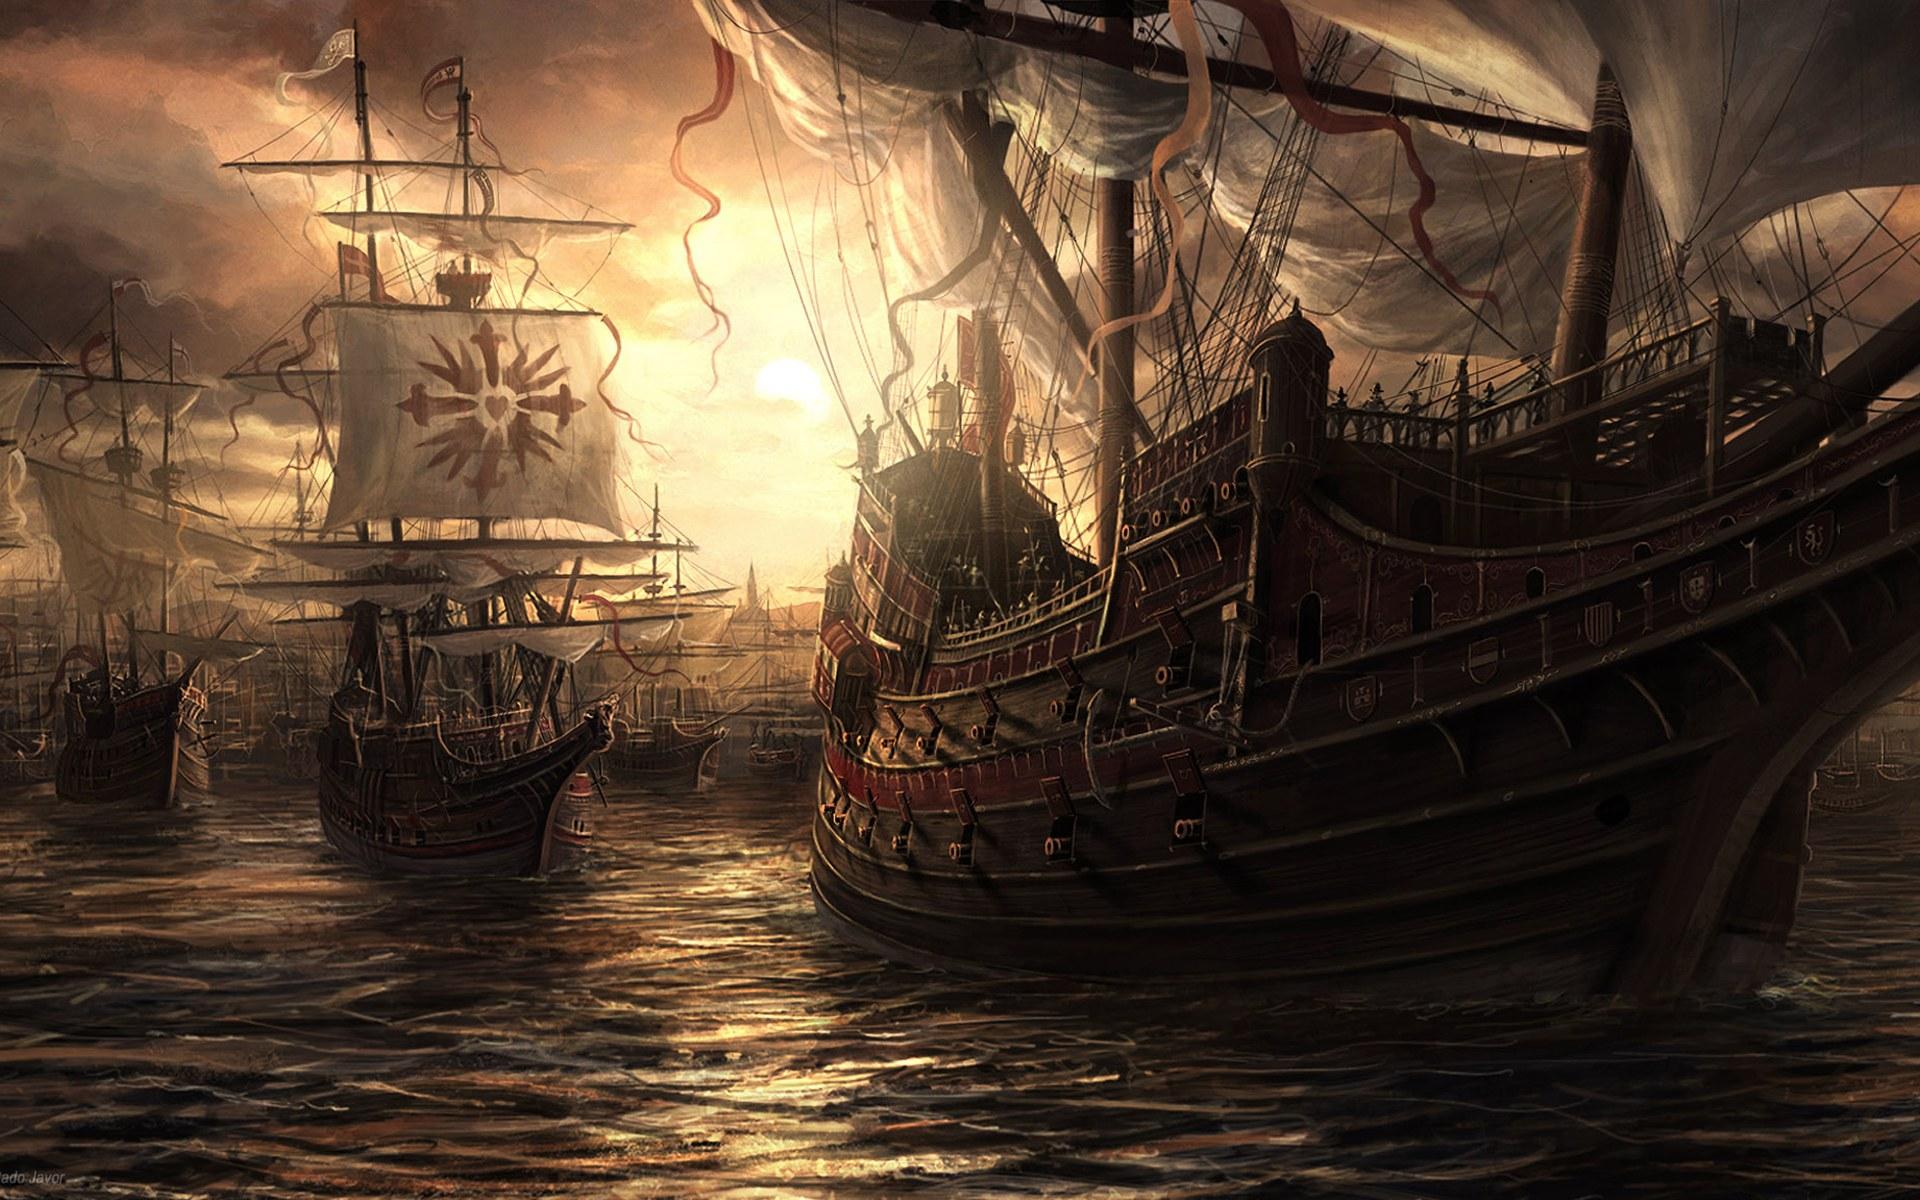 Fantasy Art Scenery by Rado Javor 1920 x 1200 Download Close 1920x1200